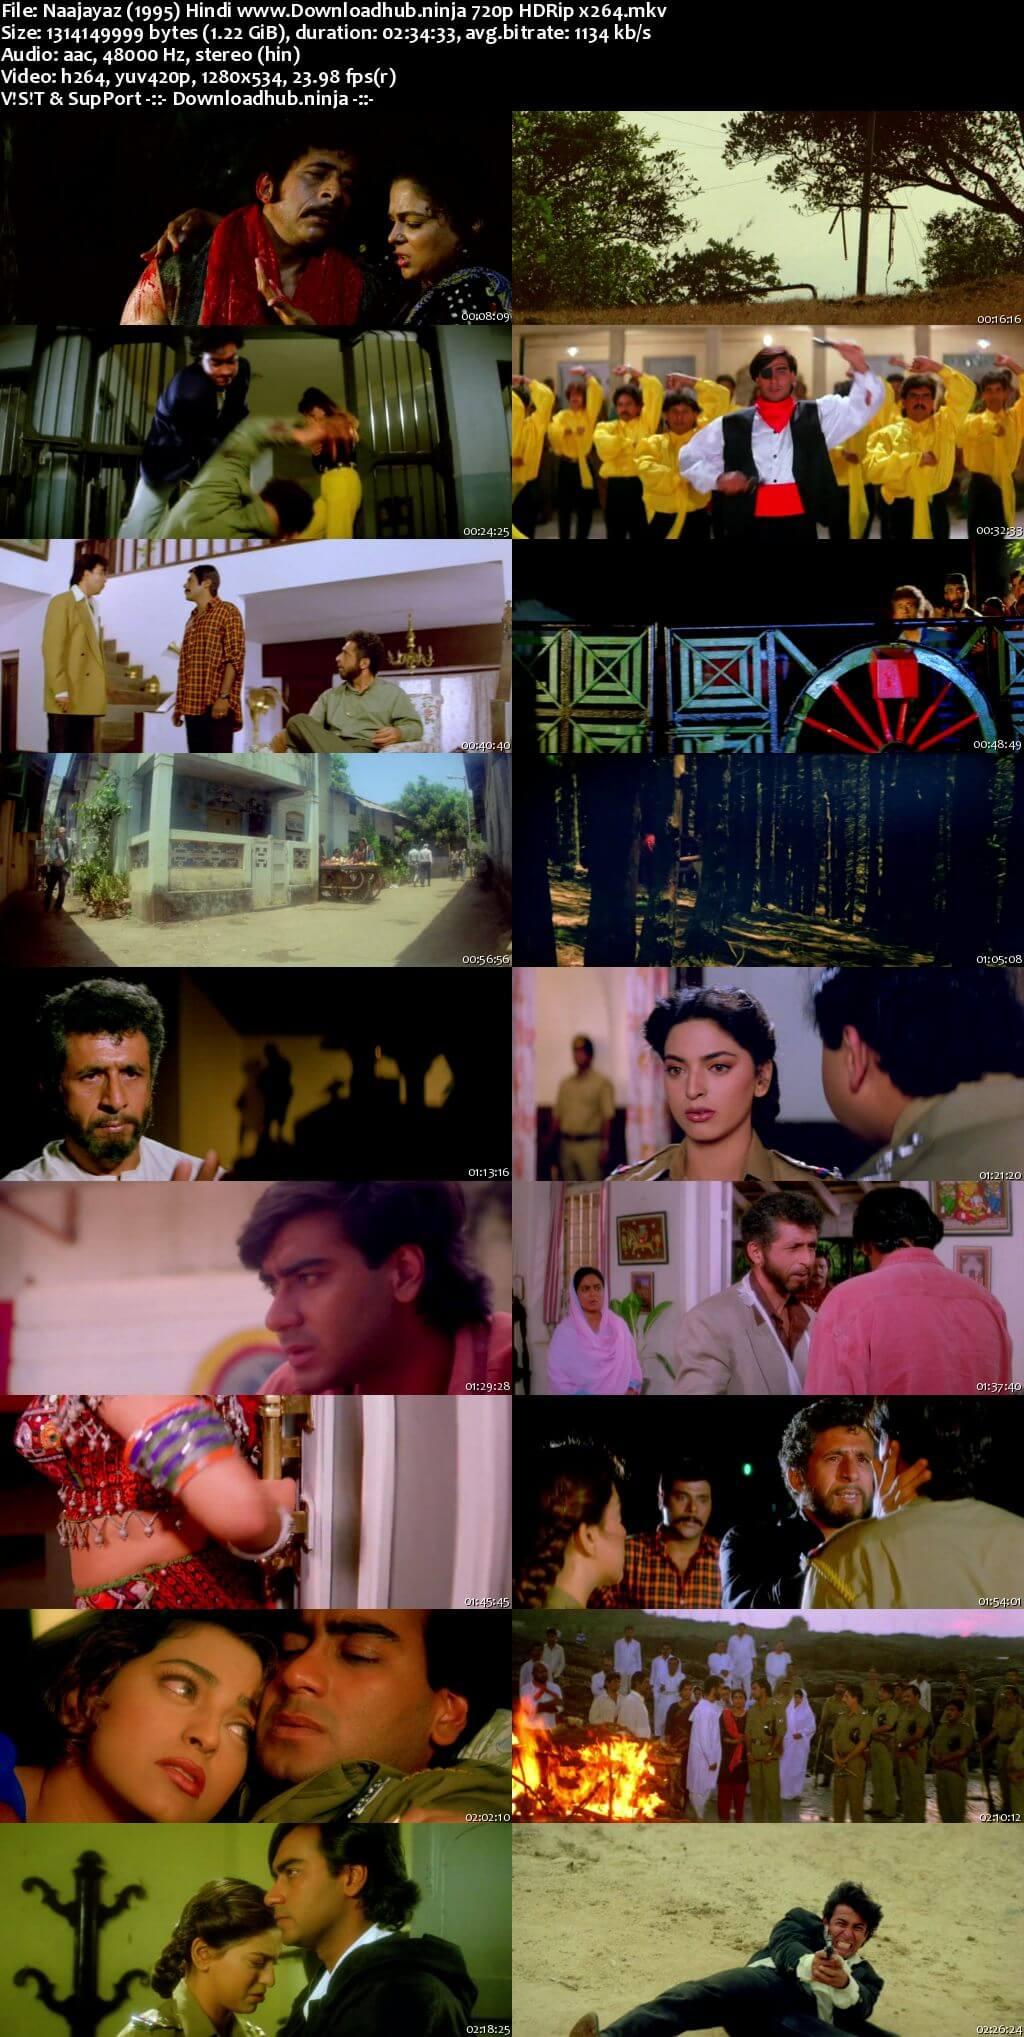 Naajayaz 1995 Hindi 720p HDRip x264